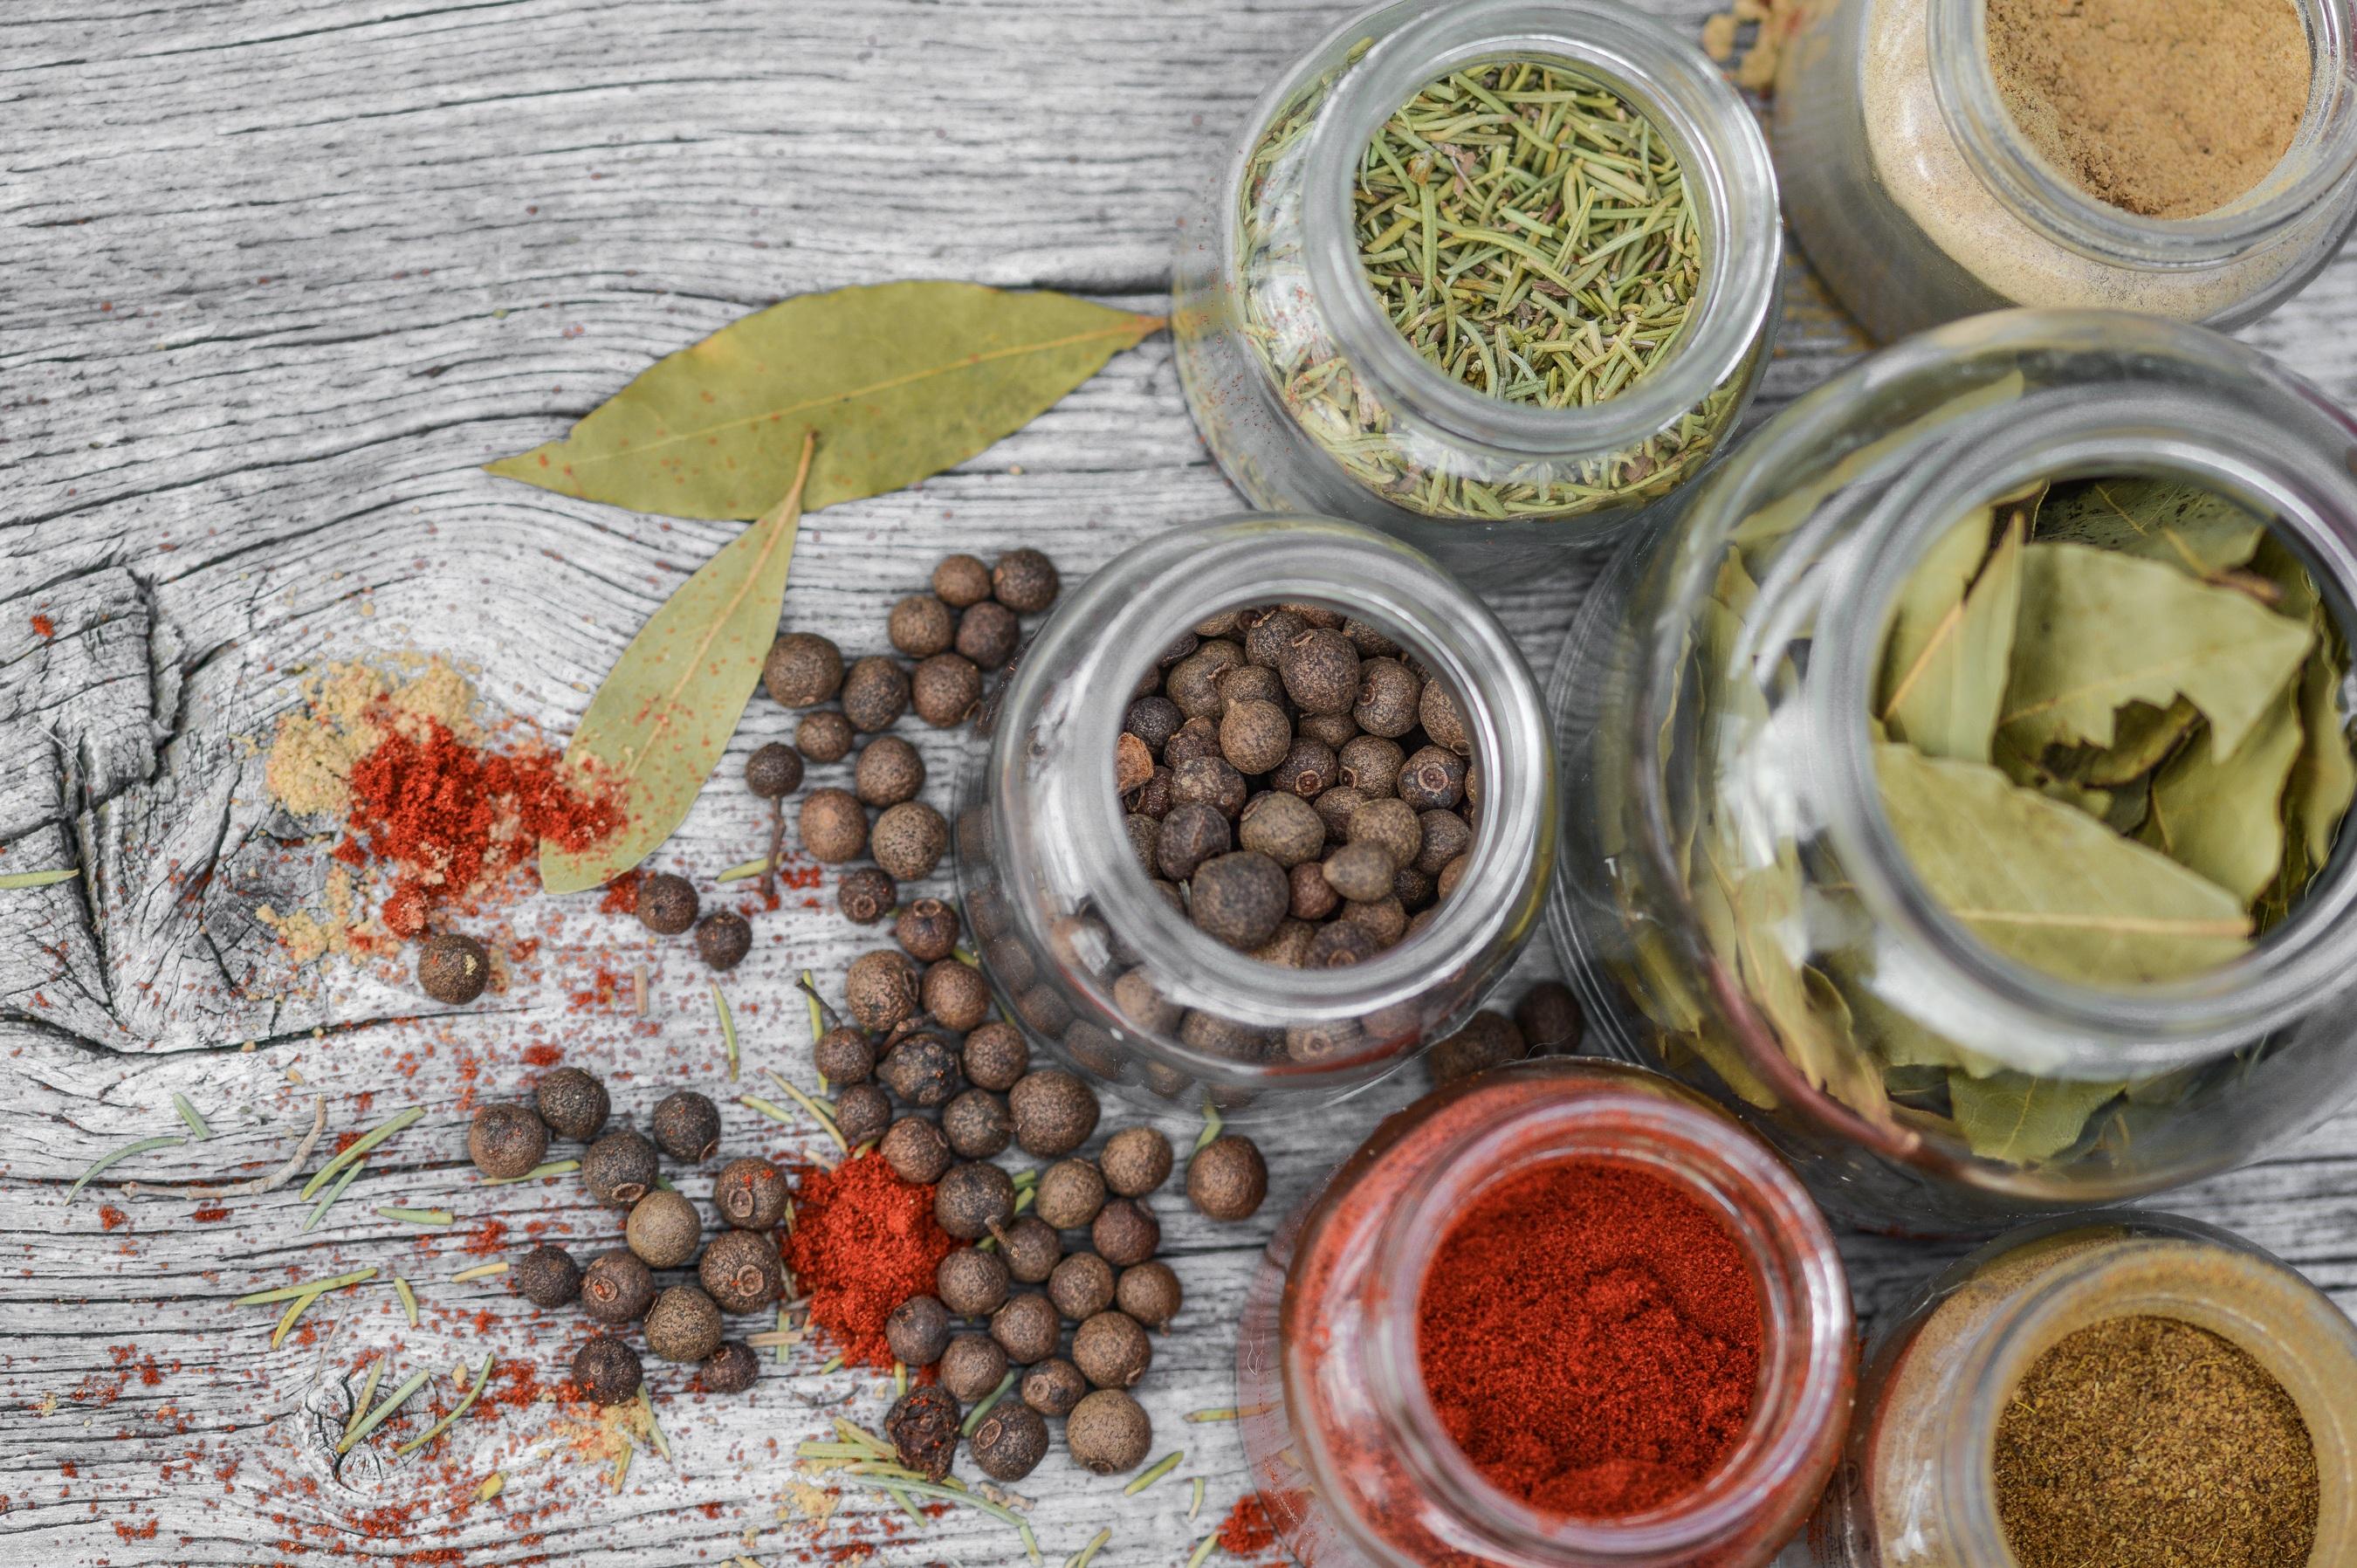 Gambar : bumbu-bumbu, botol, dapur, memasak, kayu, lada, kaca, bahan, cabai, rumah tangga, alam, herba, kuliner, wadah, bermacam-macam, aromatik, pedas, ...